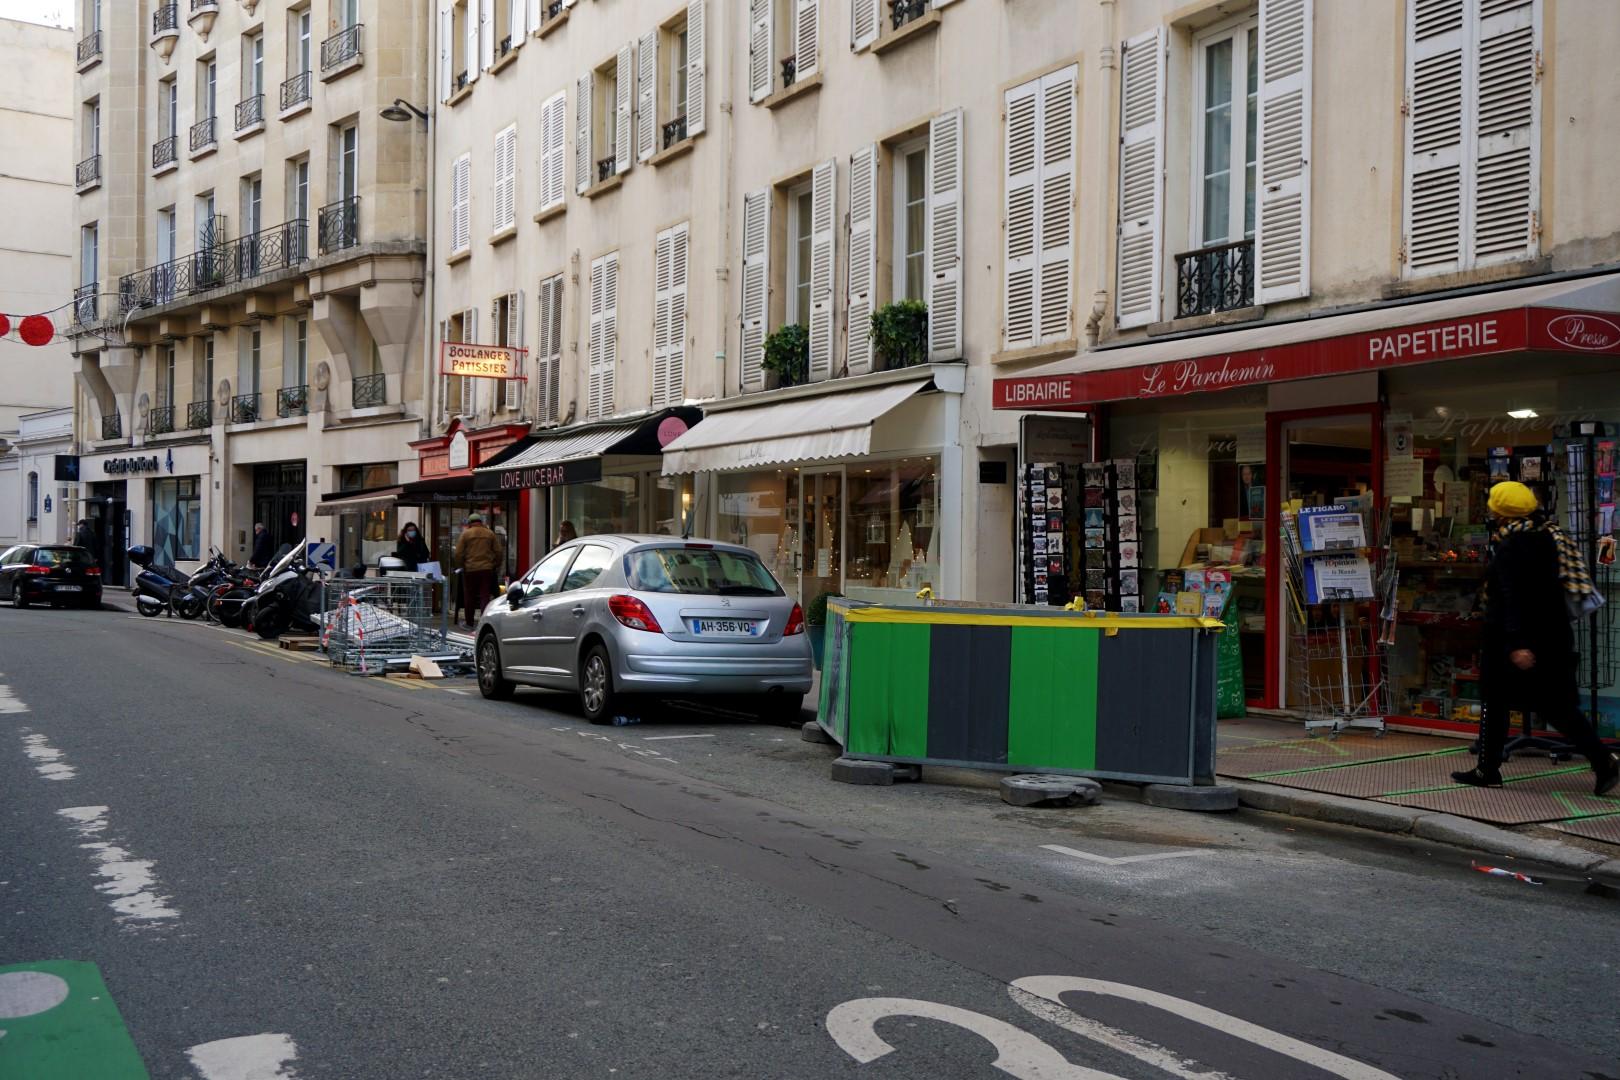 Balade dans le 7e arrondissement de Paris | de Saint Germain des Près au quartier du Gros Caillou - Rue de Grenelle